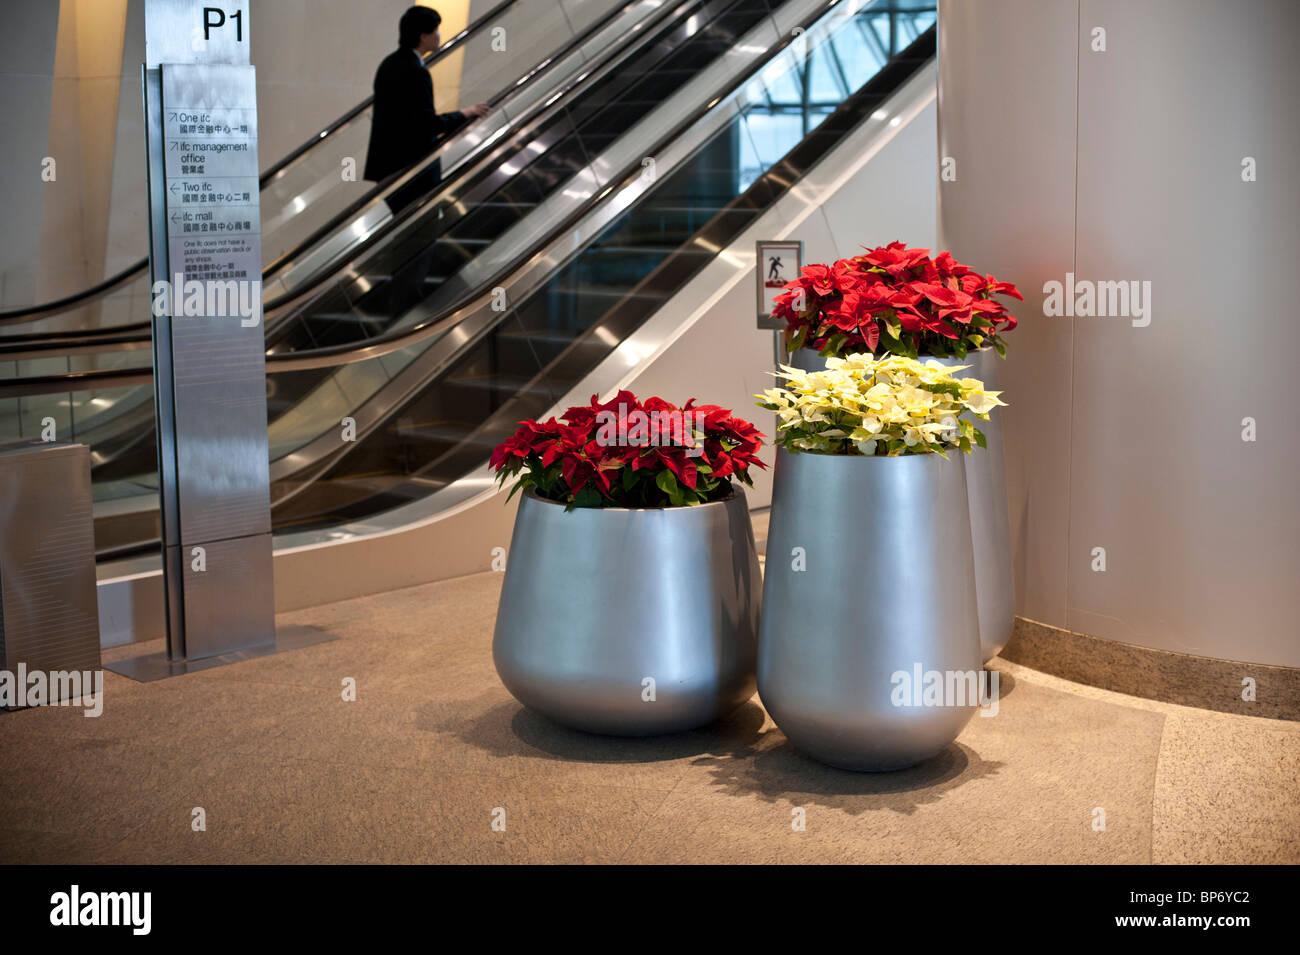 Moderne Blumentöpfe moderne blumentöpfe in einkaufszentren und bürogebäude im zentrum